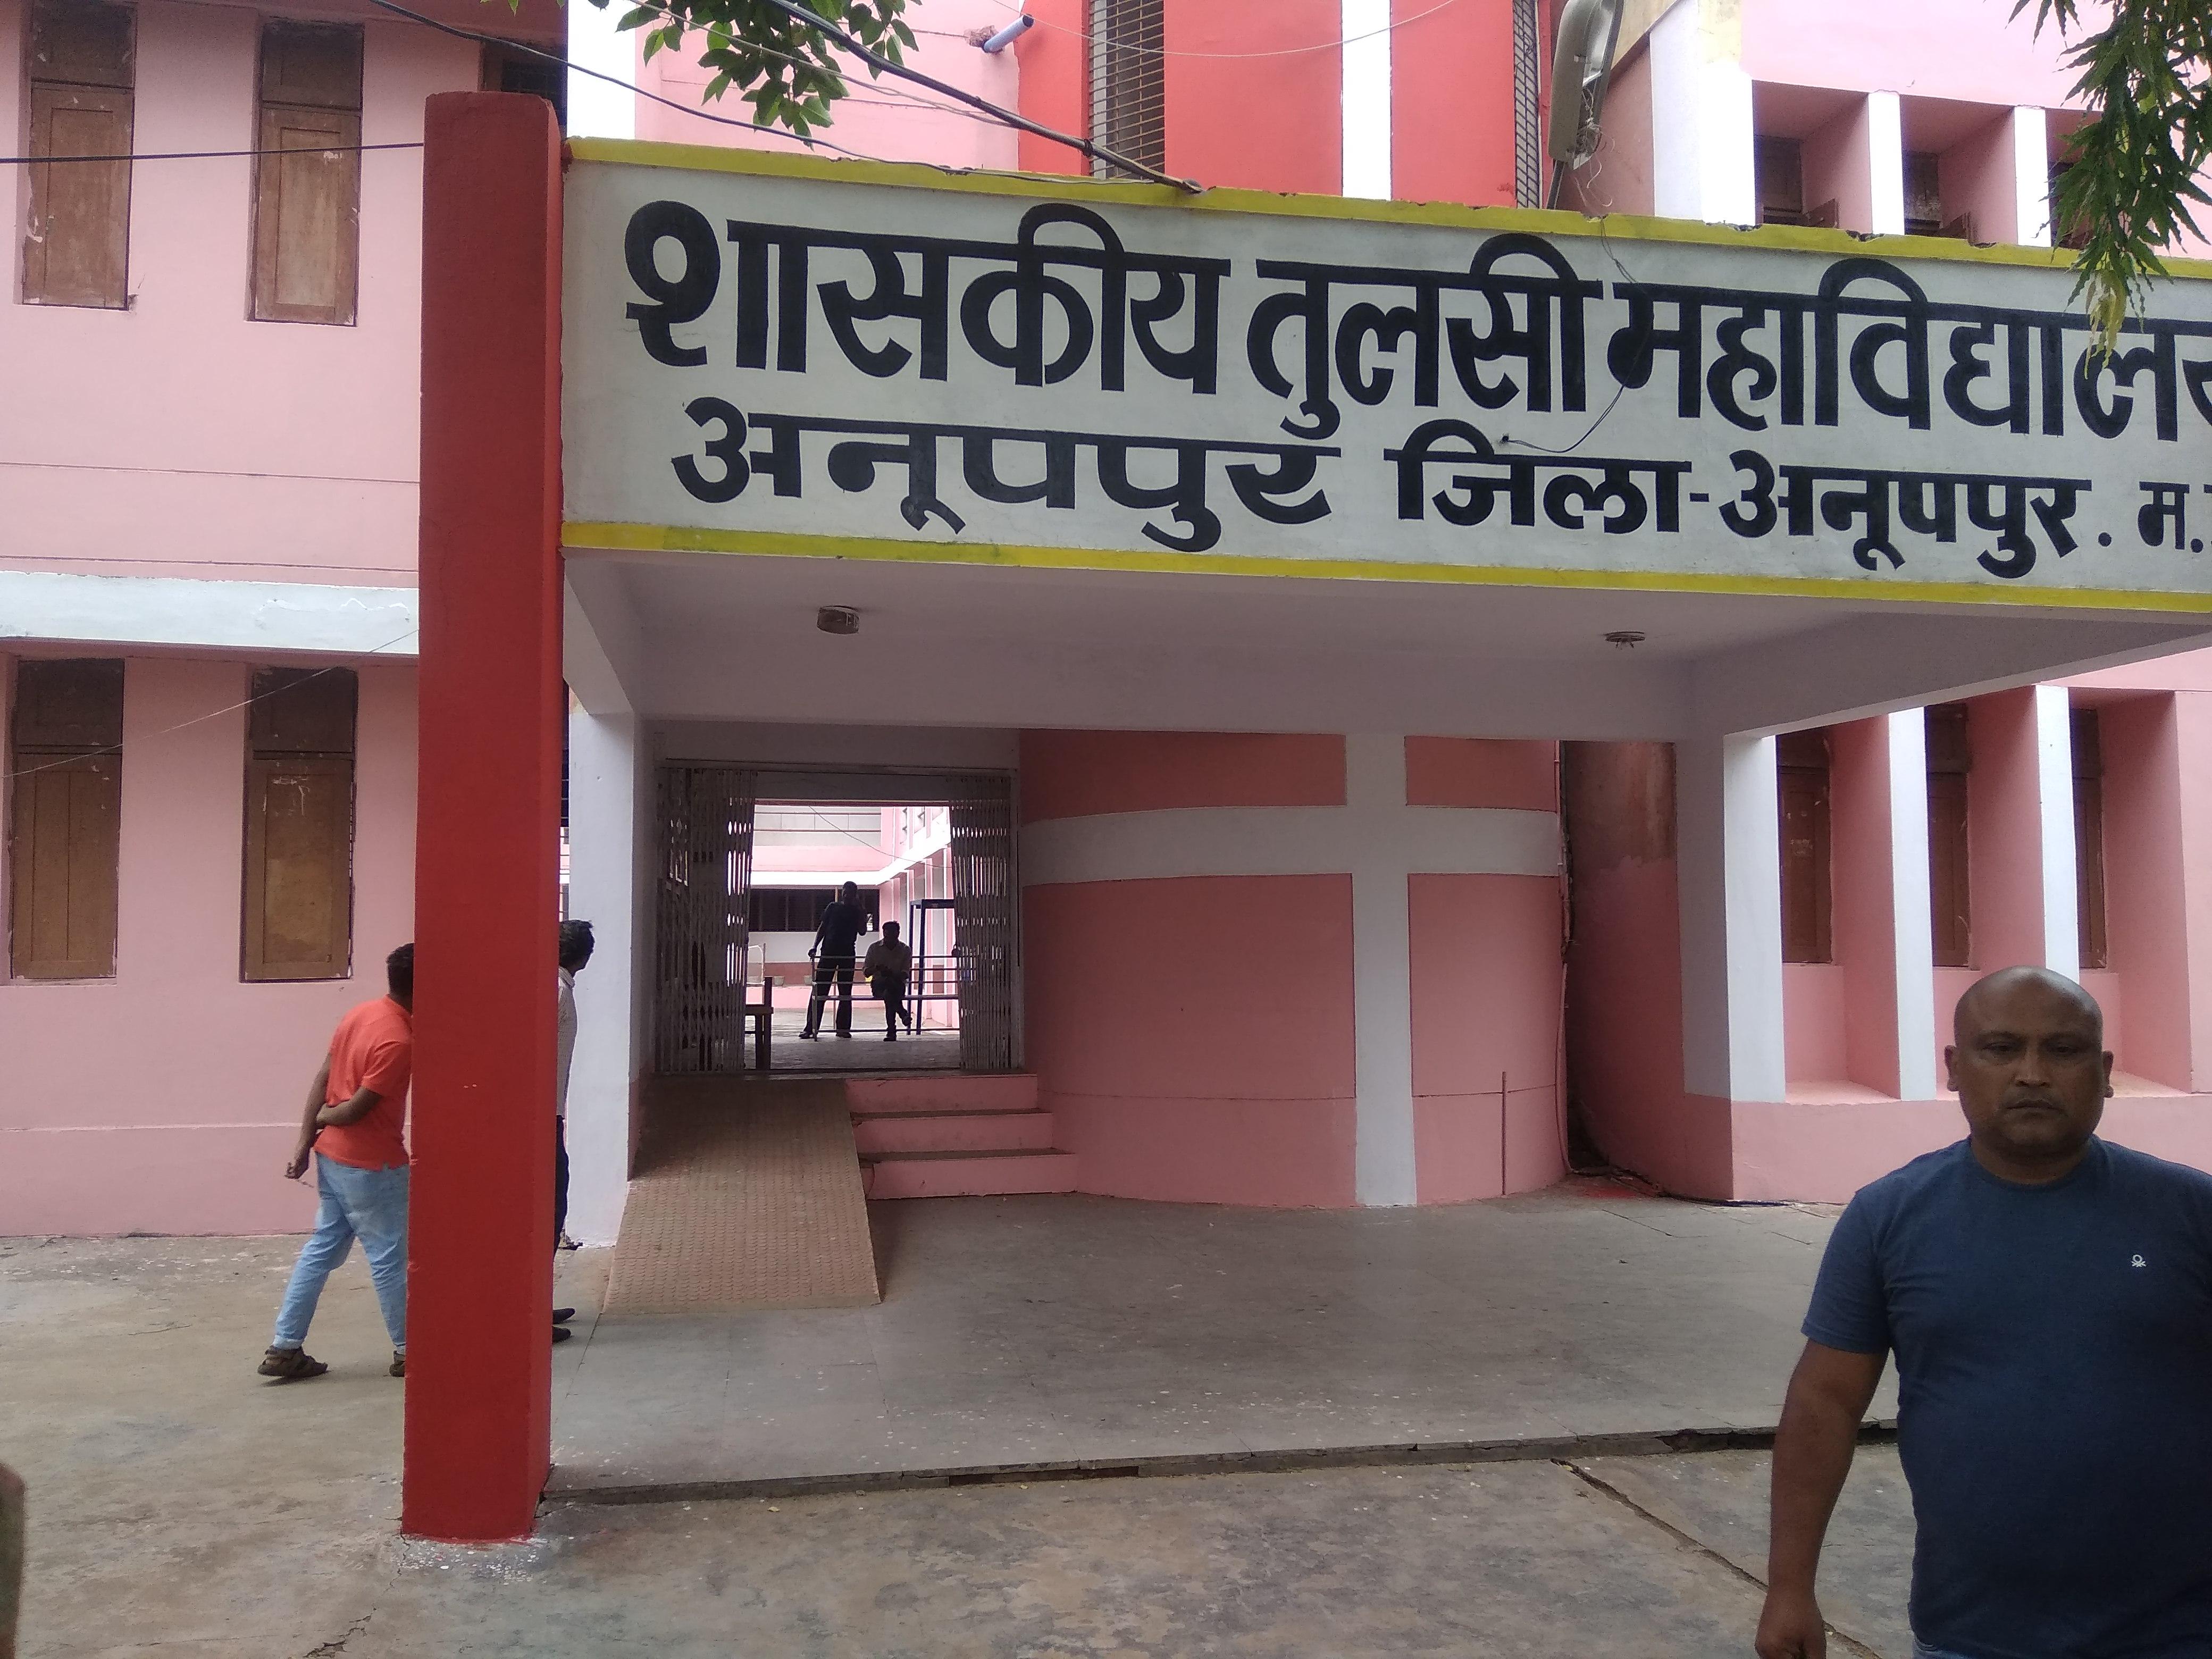 तुलसी कॉलेज में कमरों की पड़ गई कमी, प्रशासन दो पालियों में संचालित कराएगी कक्षाएं